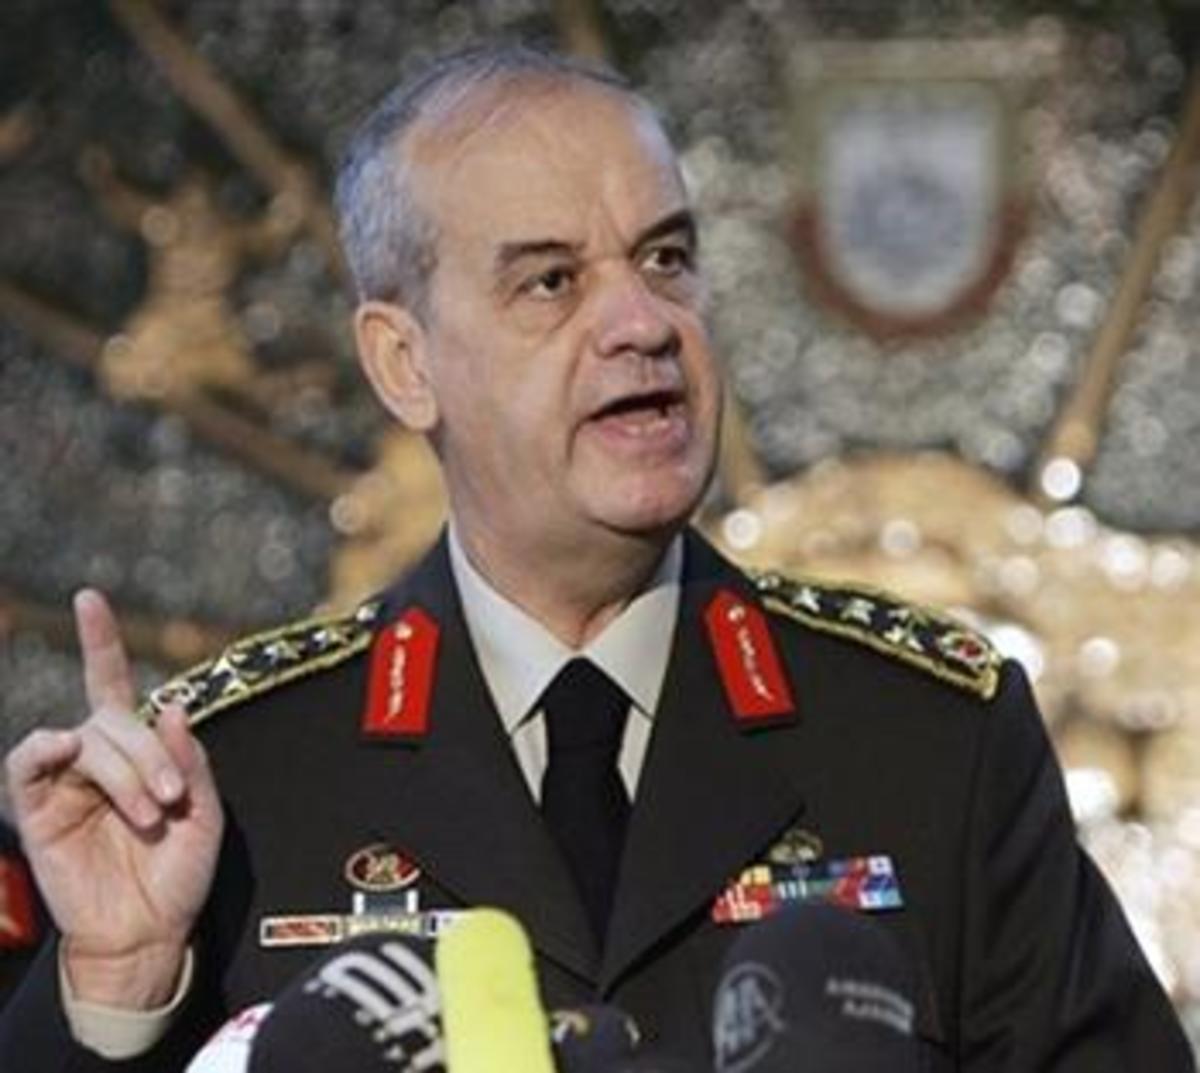 Τούρκος εισαγγελέας καλεί τον πρώην αρχηγό Μπασμπούγ για τις έρευνες στο σκάνδαλο του διαδικτύου | Newsit.gr